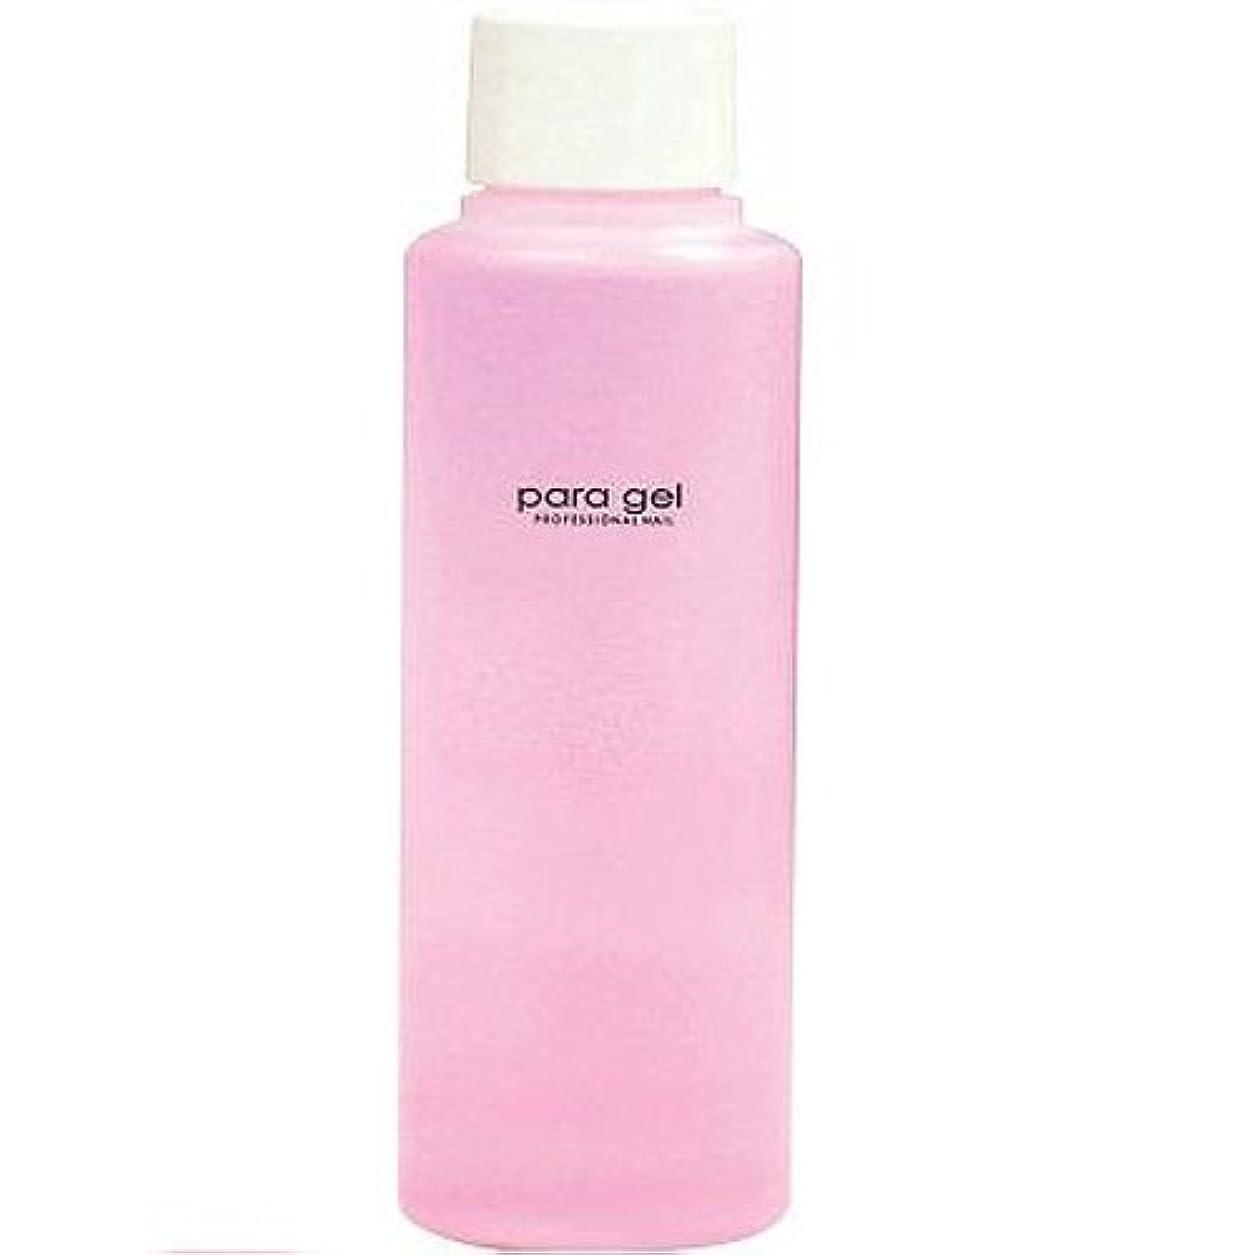 ビン明確な欠陥パラジェル(para gel) パラリムーバー 120ml